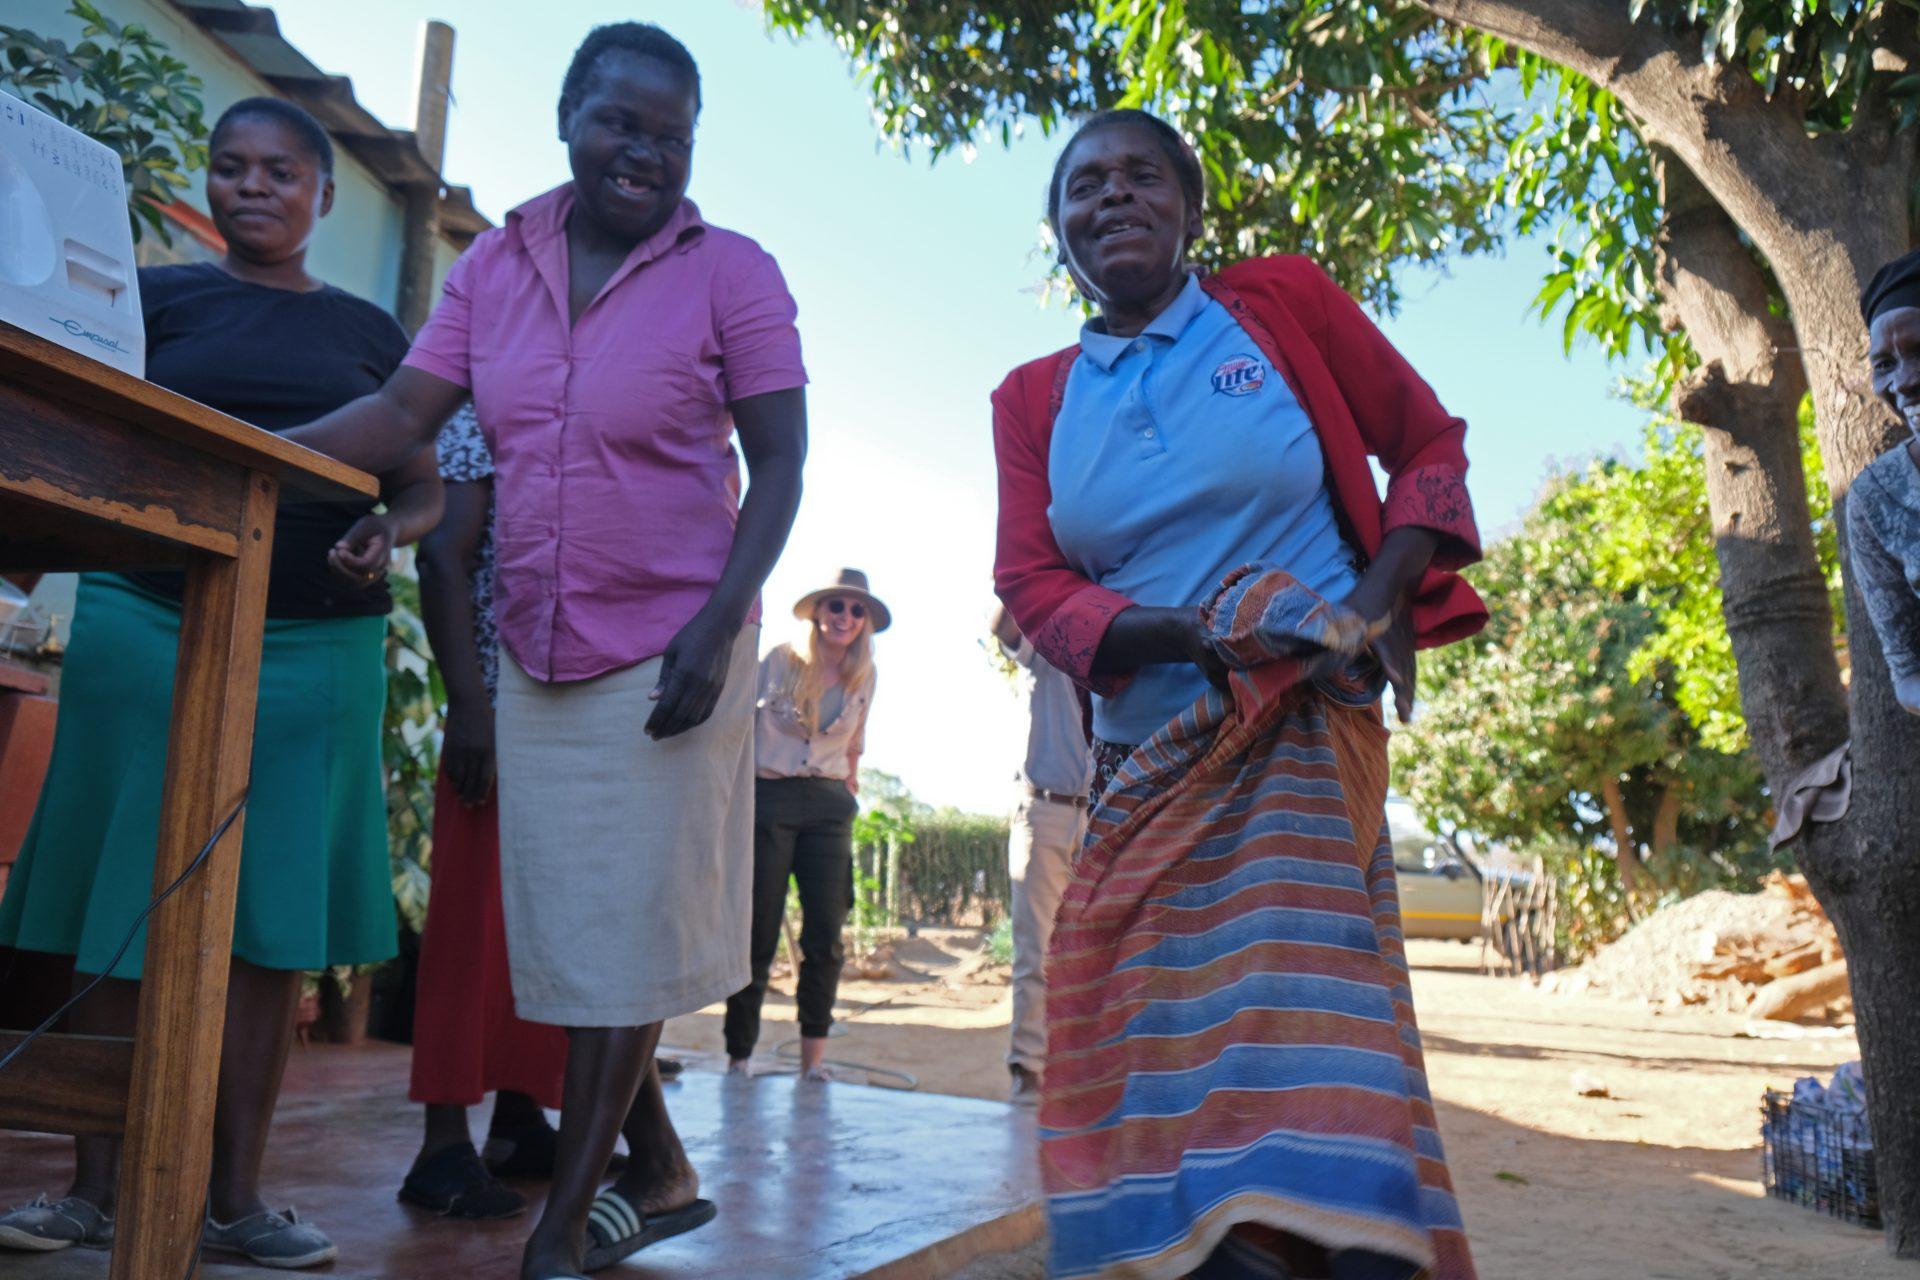 Community Upliftment Experience, Zimbabwe